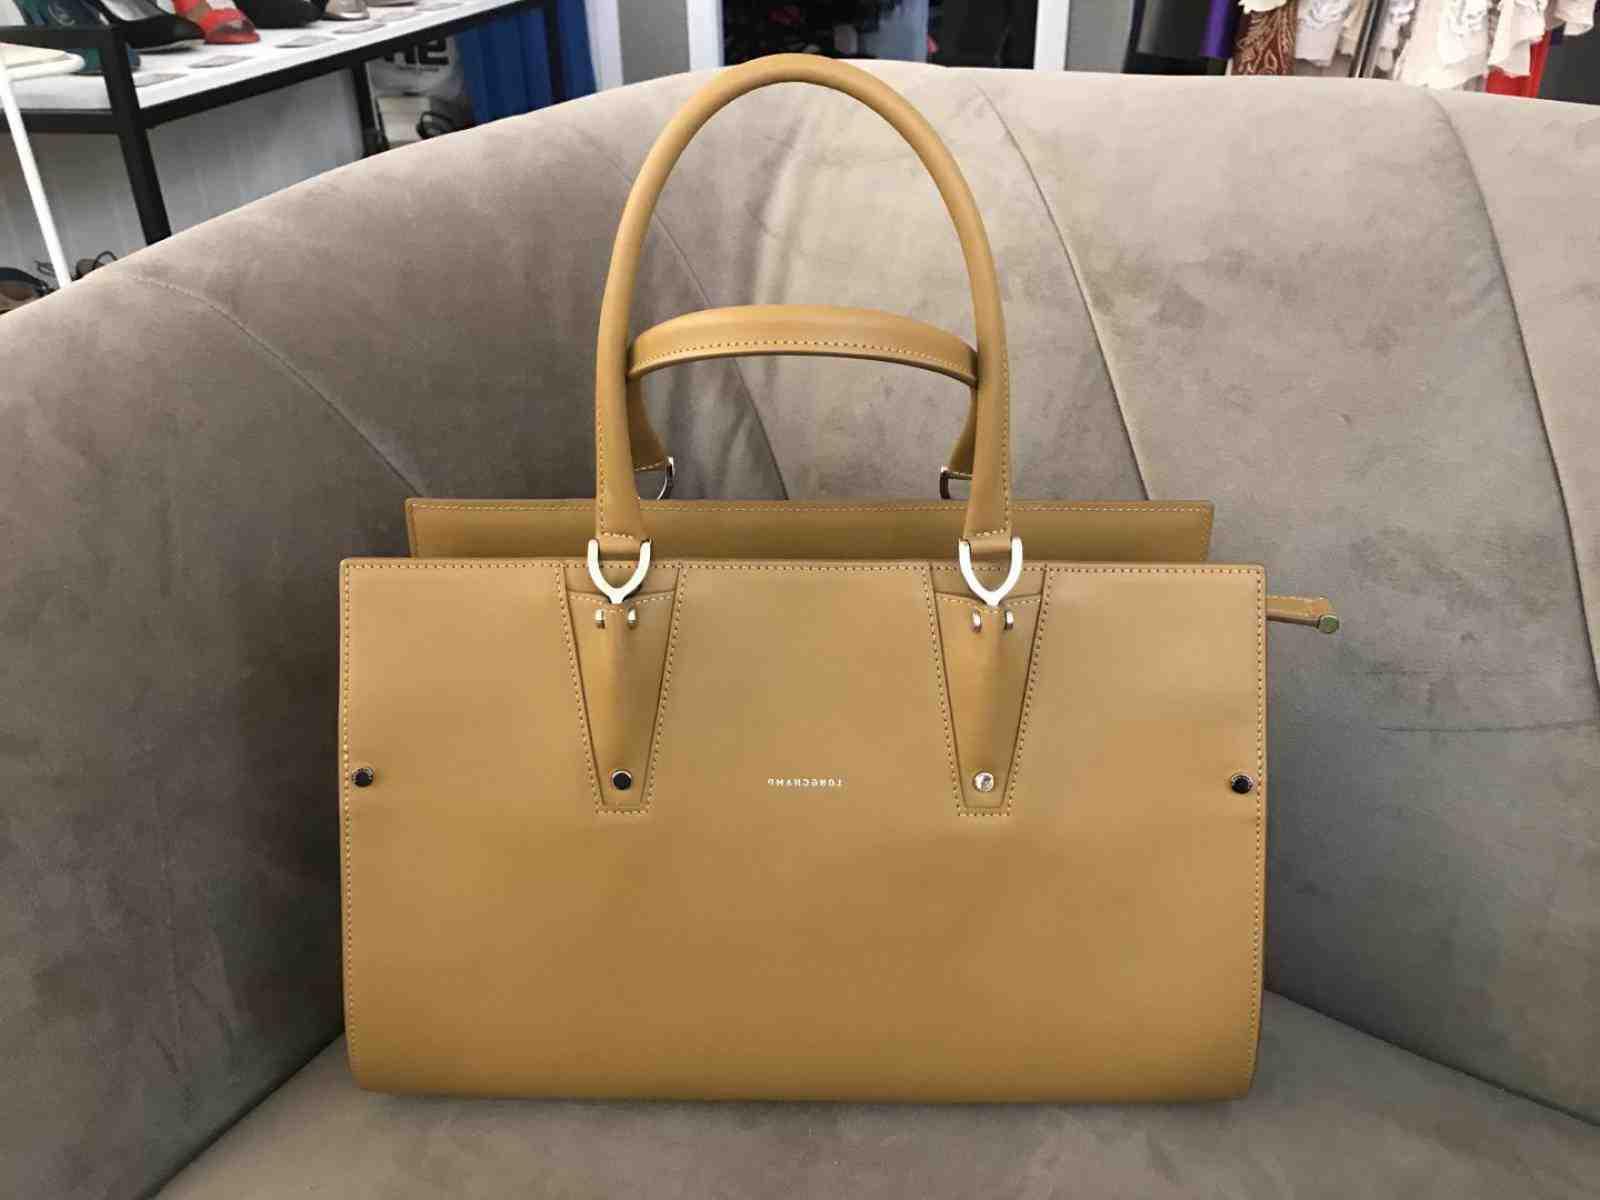 Comment vendre un sac Hermès?